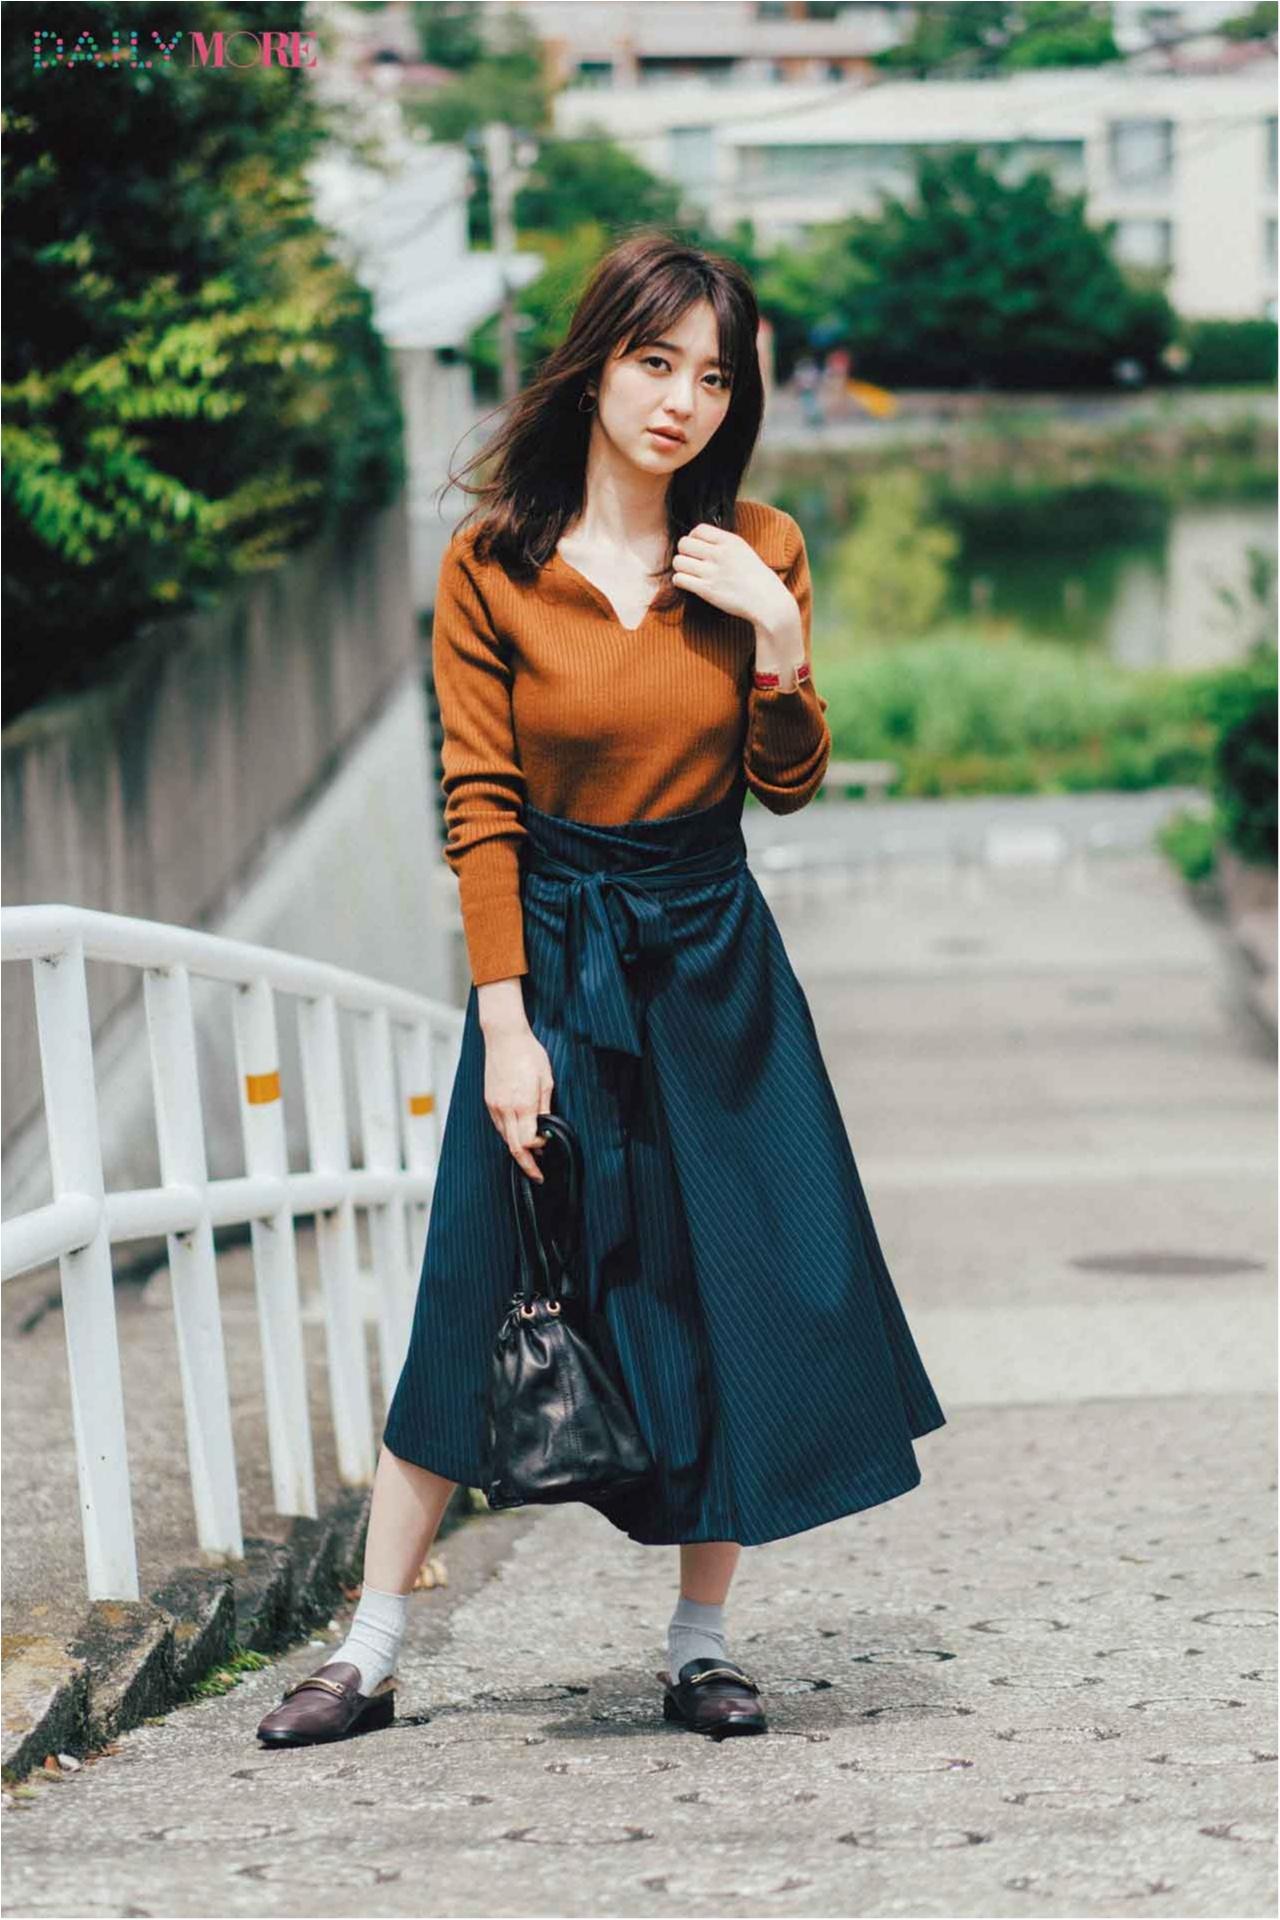 【今日のコーデ/逢沢りな】リブニットとストライプスカートの縦ライン効果で女らしくスタイルアップ!_1